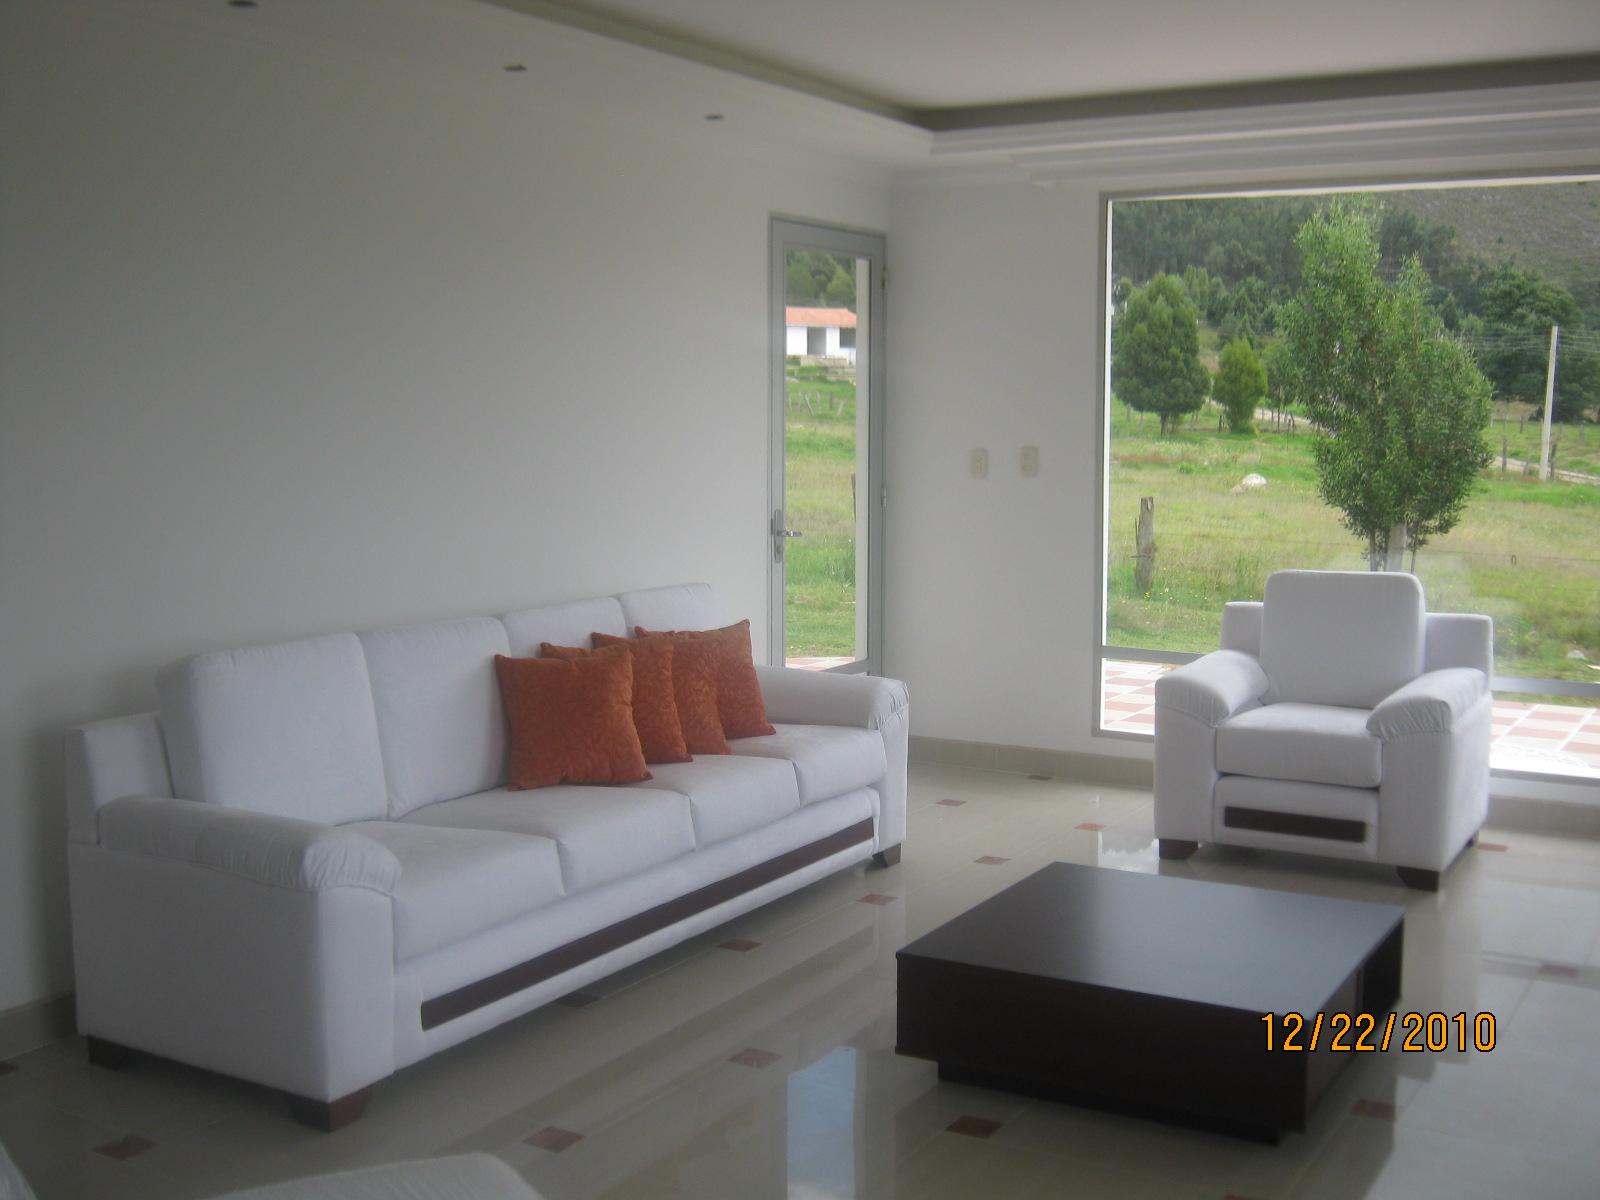 Konzeptos muebles dise o decoraci n dandole vida a for Diseno decoracion espacios